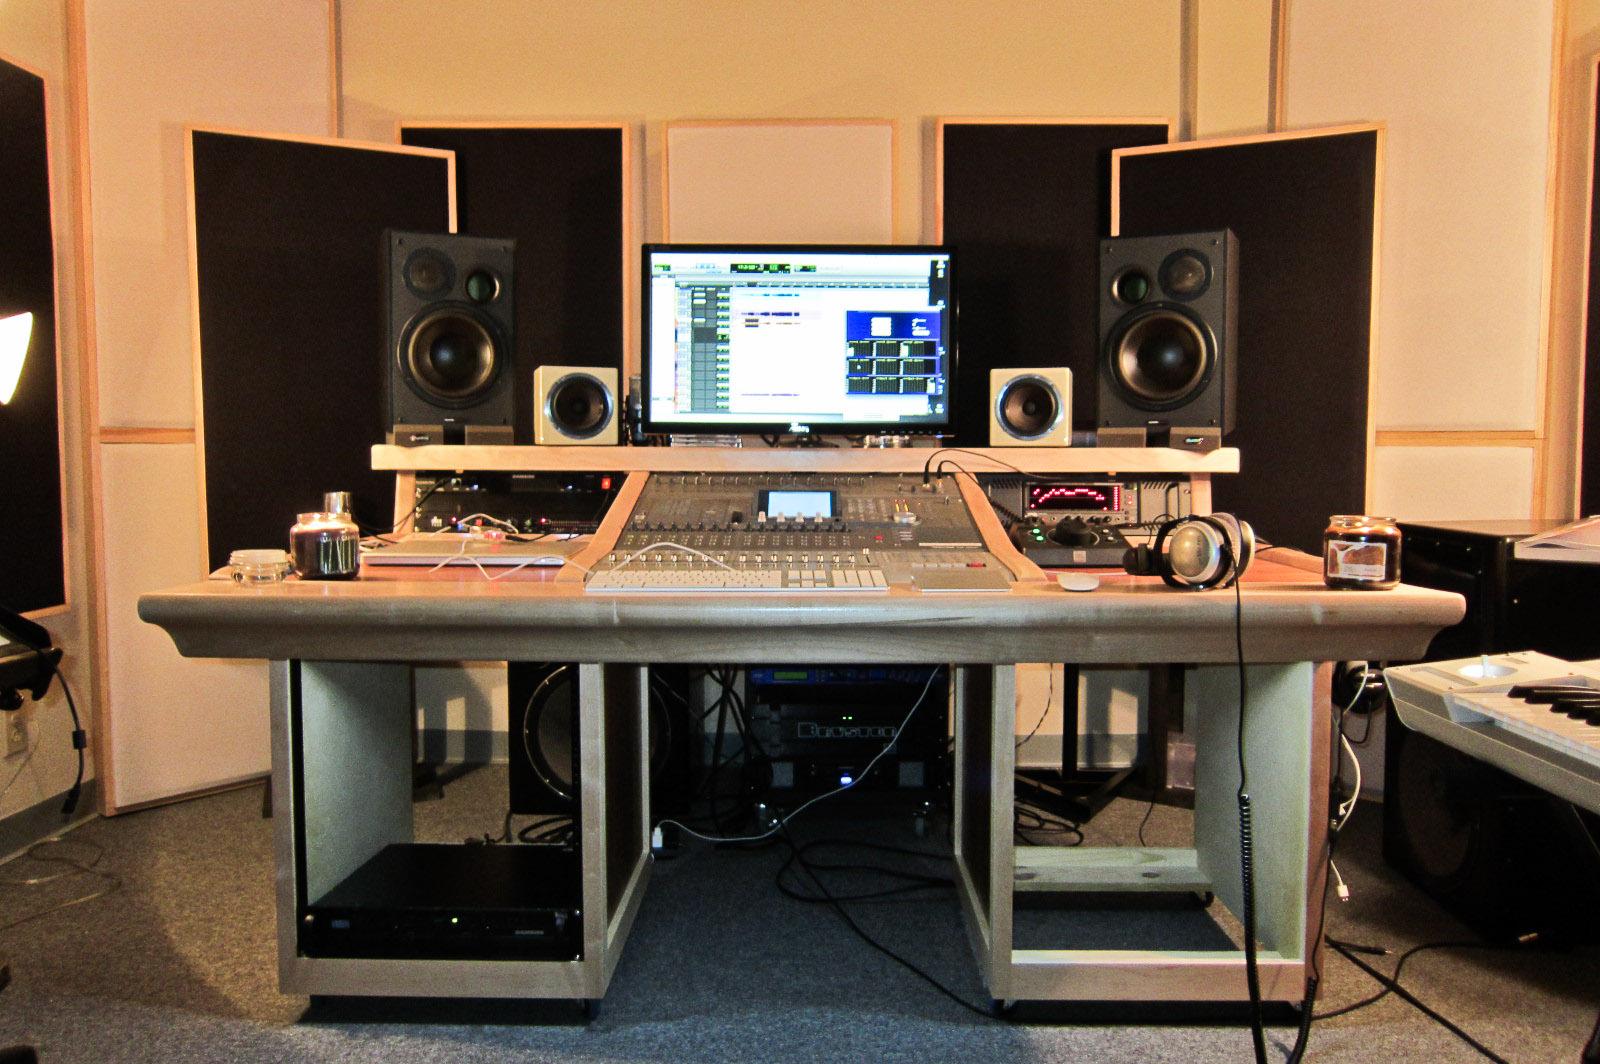 Mixer Desk For Tascam Dm 3200 Self Made Gearslutz Com